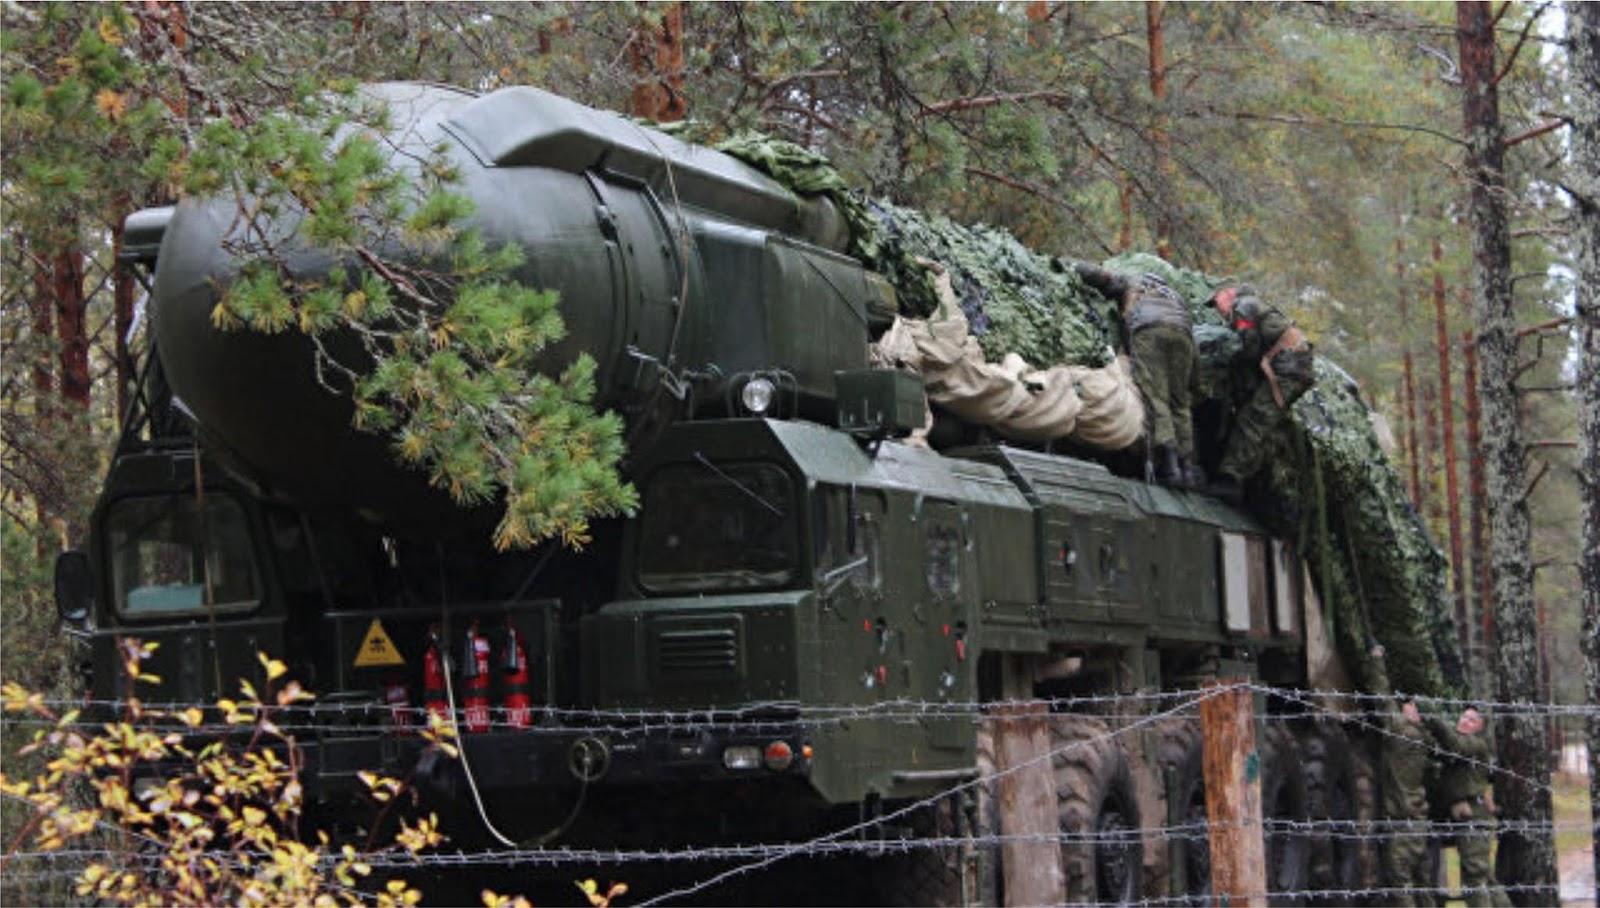 Taktik AS menakut-nakuti kemungkinan kalah dari Rusia dan Cina untuk persiapan perangnya sendiri